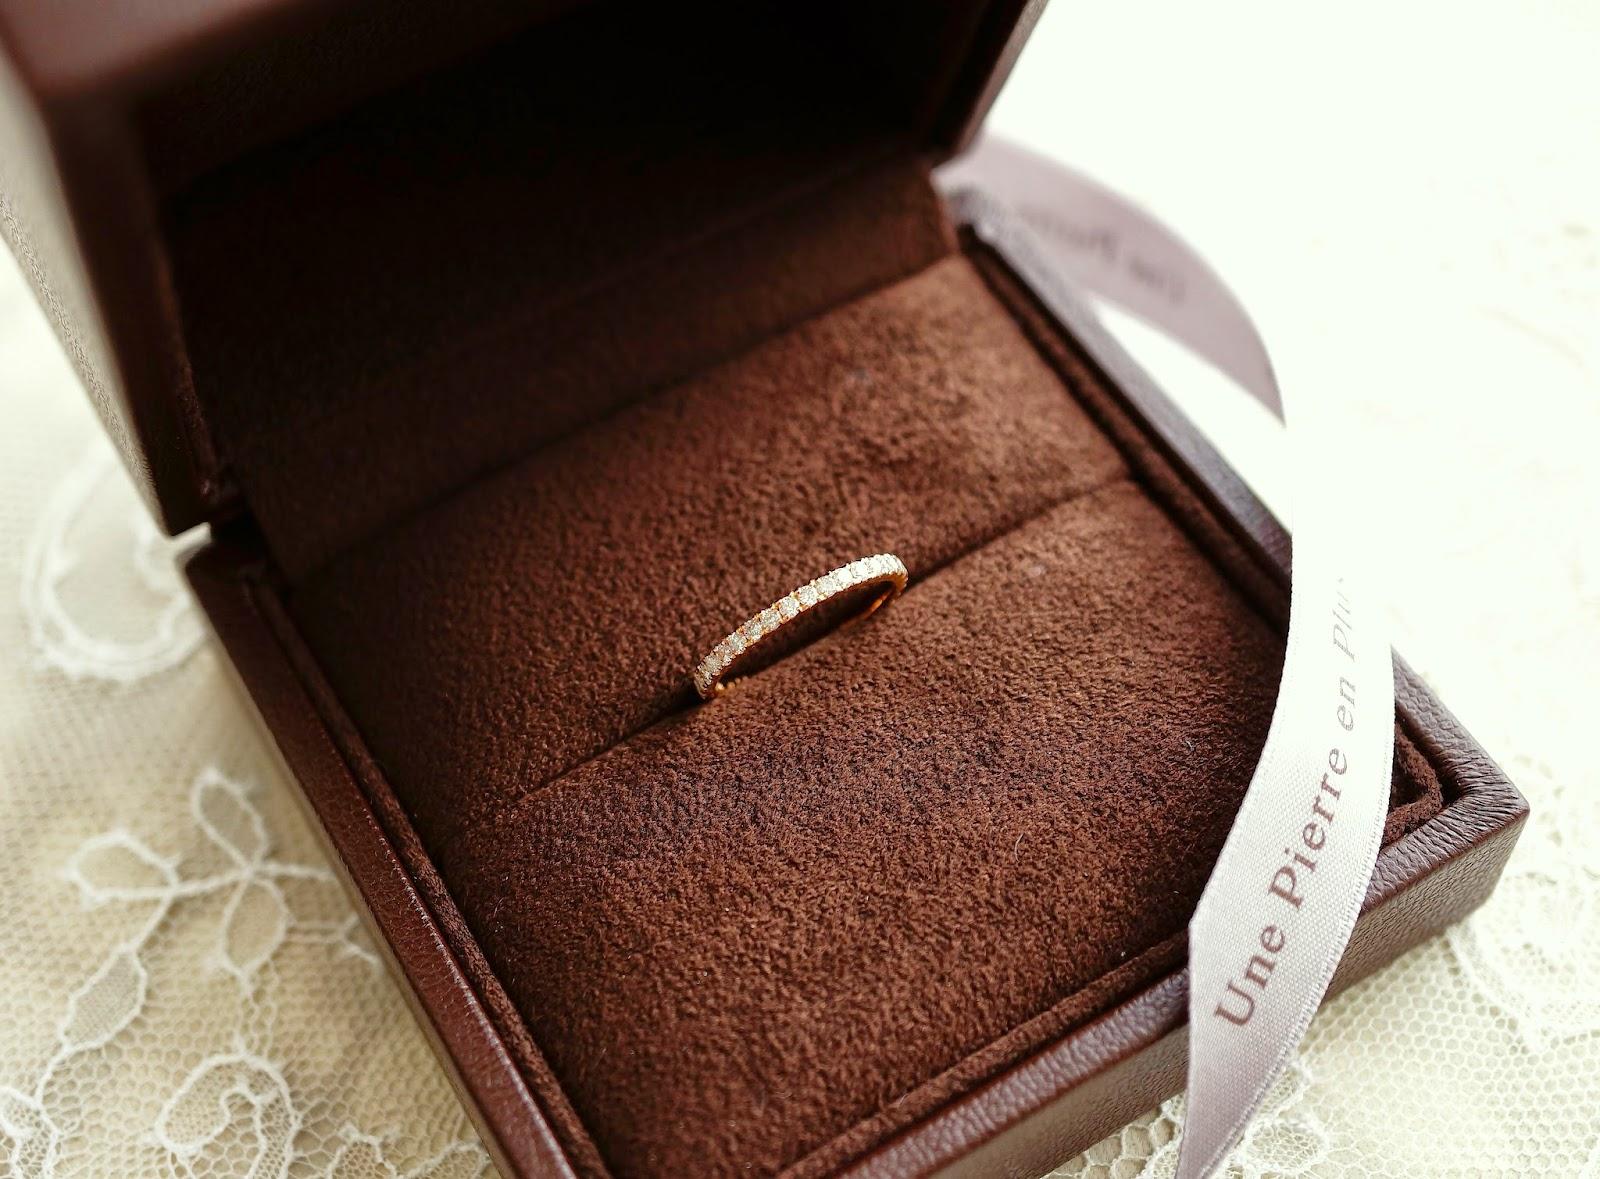 使わないブレスレットのダイヤモンドを使い娘へ渡すリングにリ・スタイル(リメイク)した。